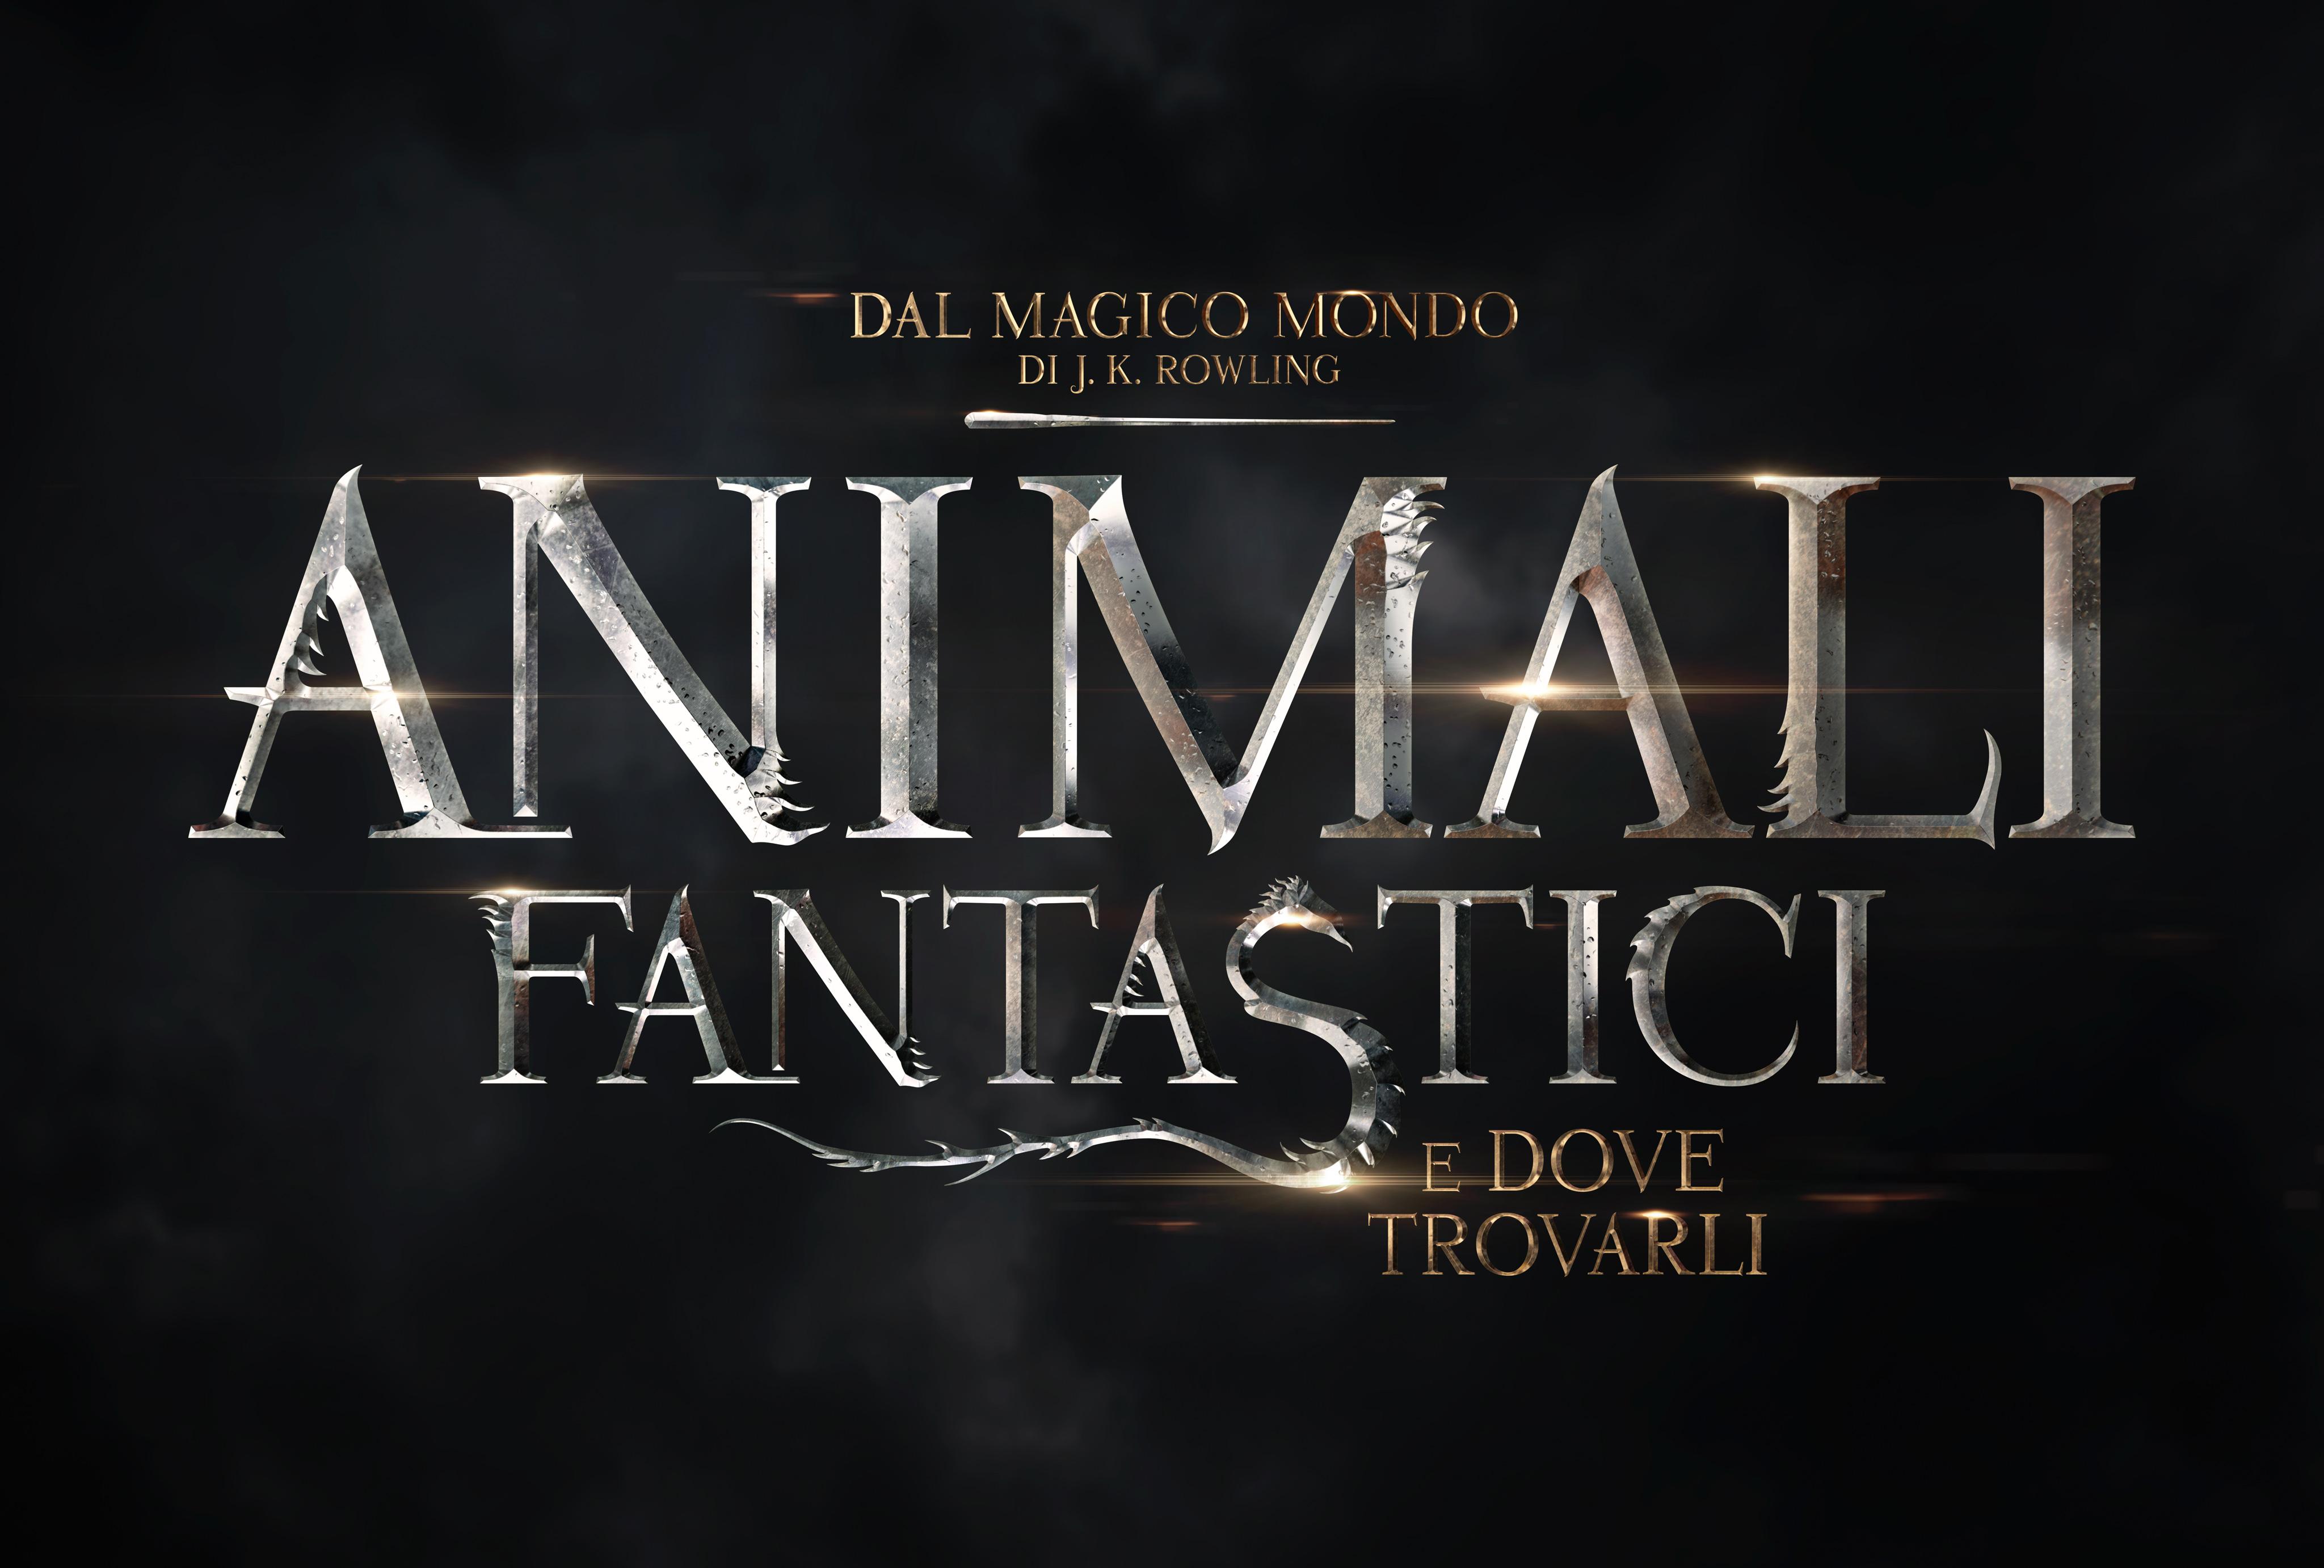 Animali fantastici e dove trovarli: il logo italiano del film